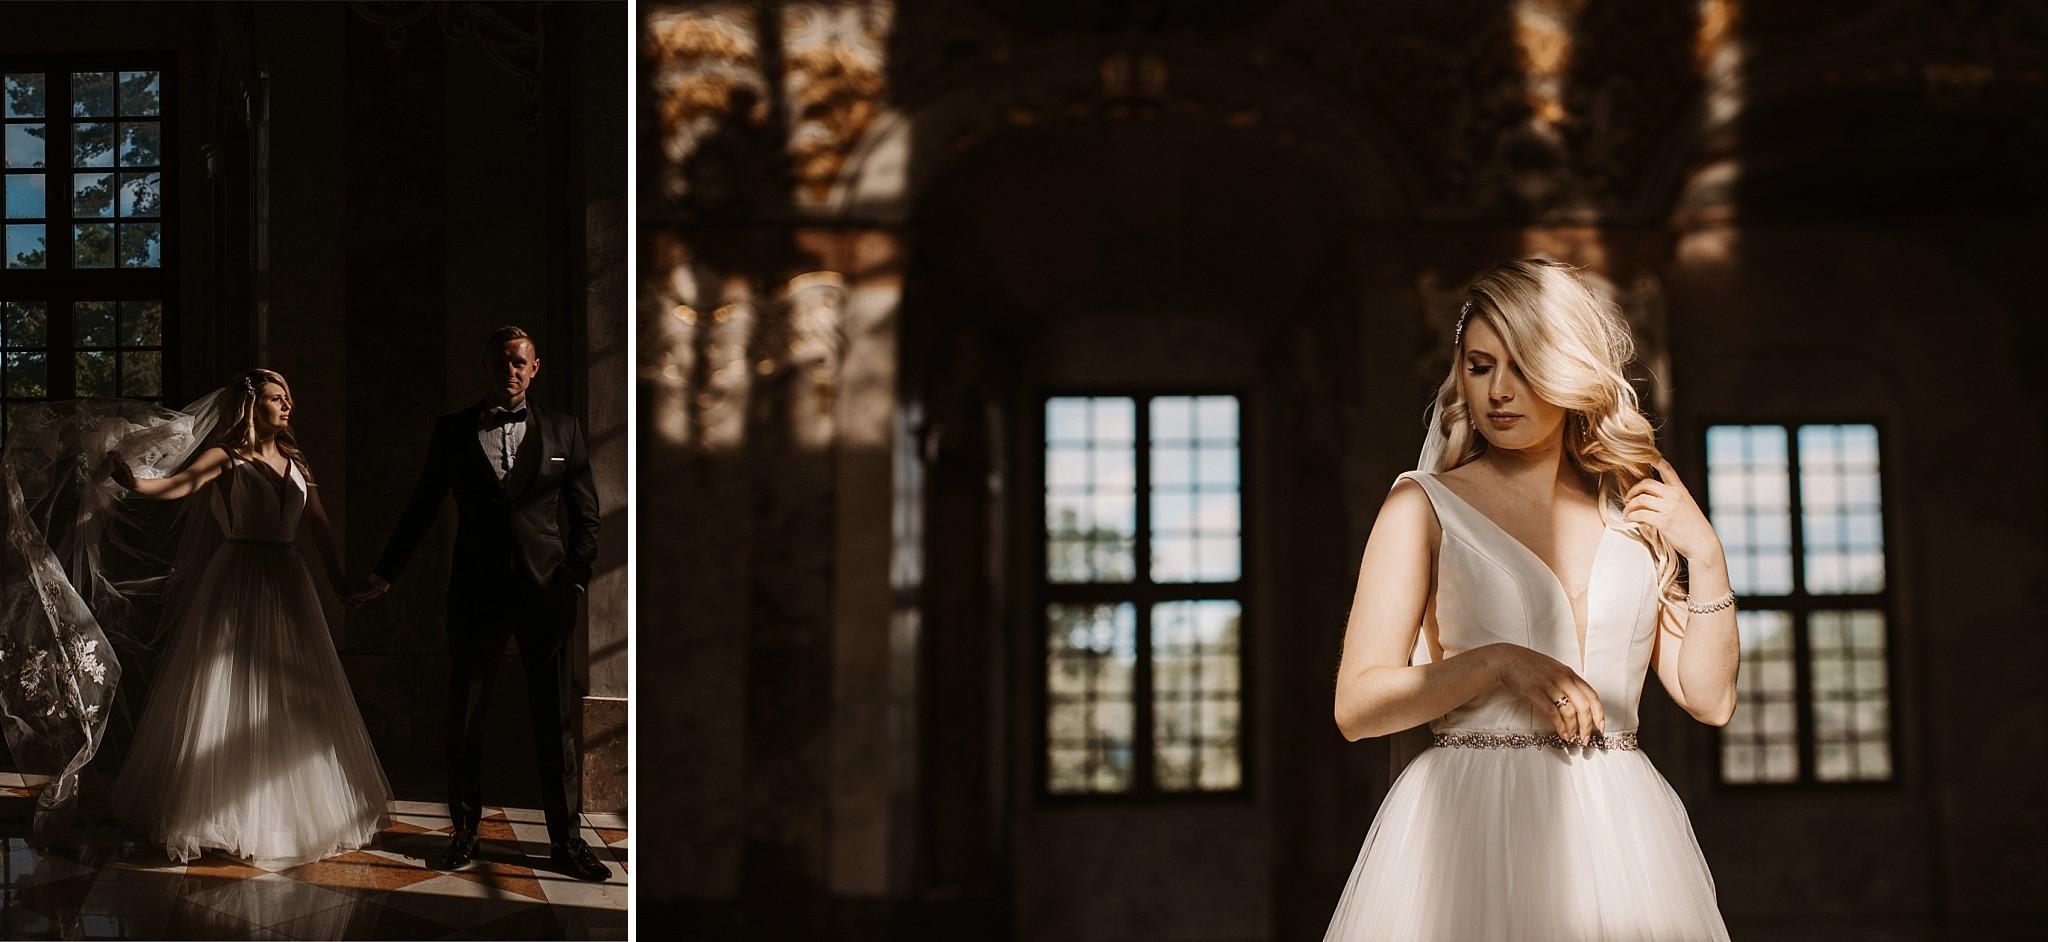 lubiaz opactwo cystersow sesja na zamku sesja zdjeciowa sesja slubna w palacu sesja palac fotograf z poznania fotografia slubna poznan 104